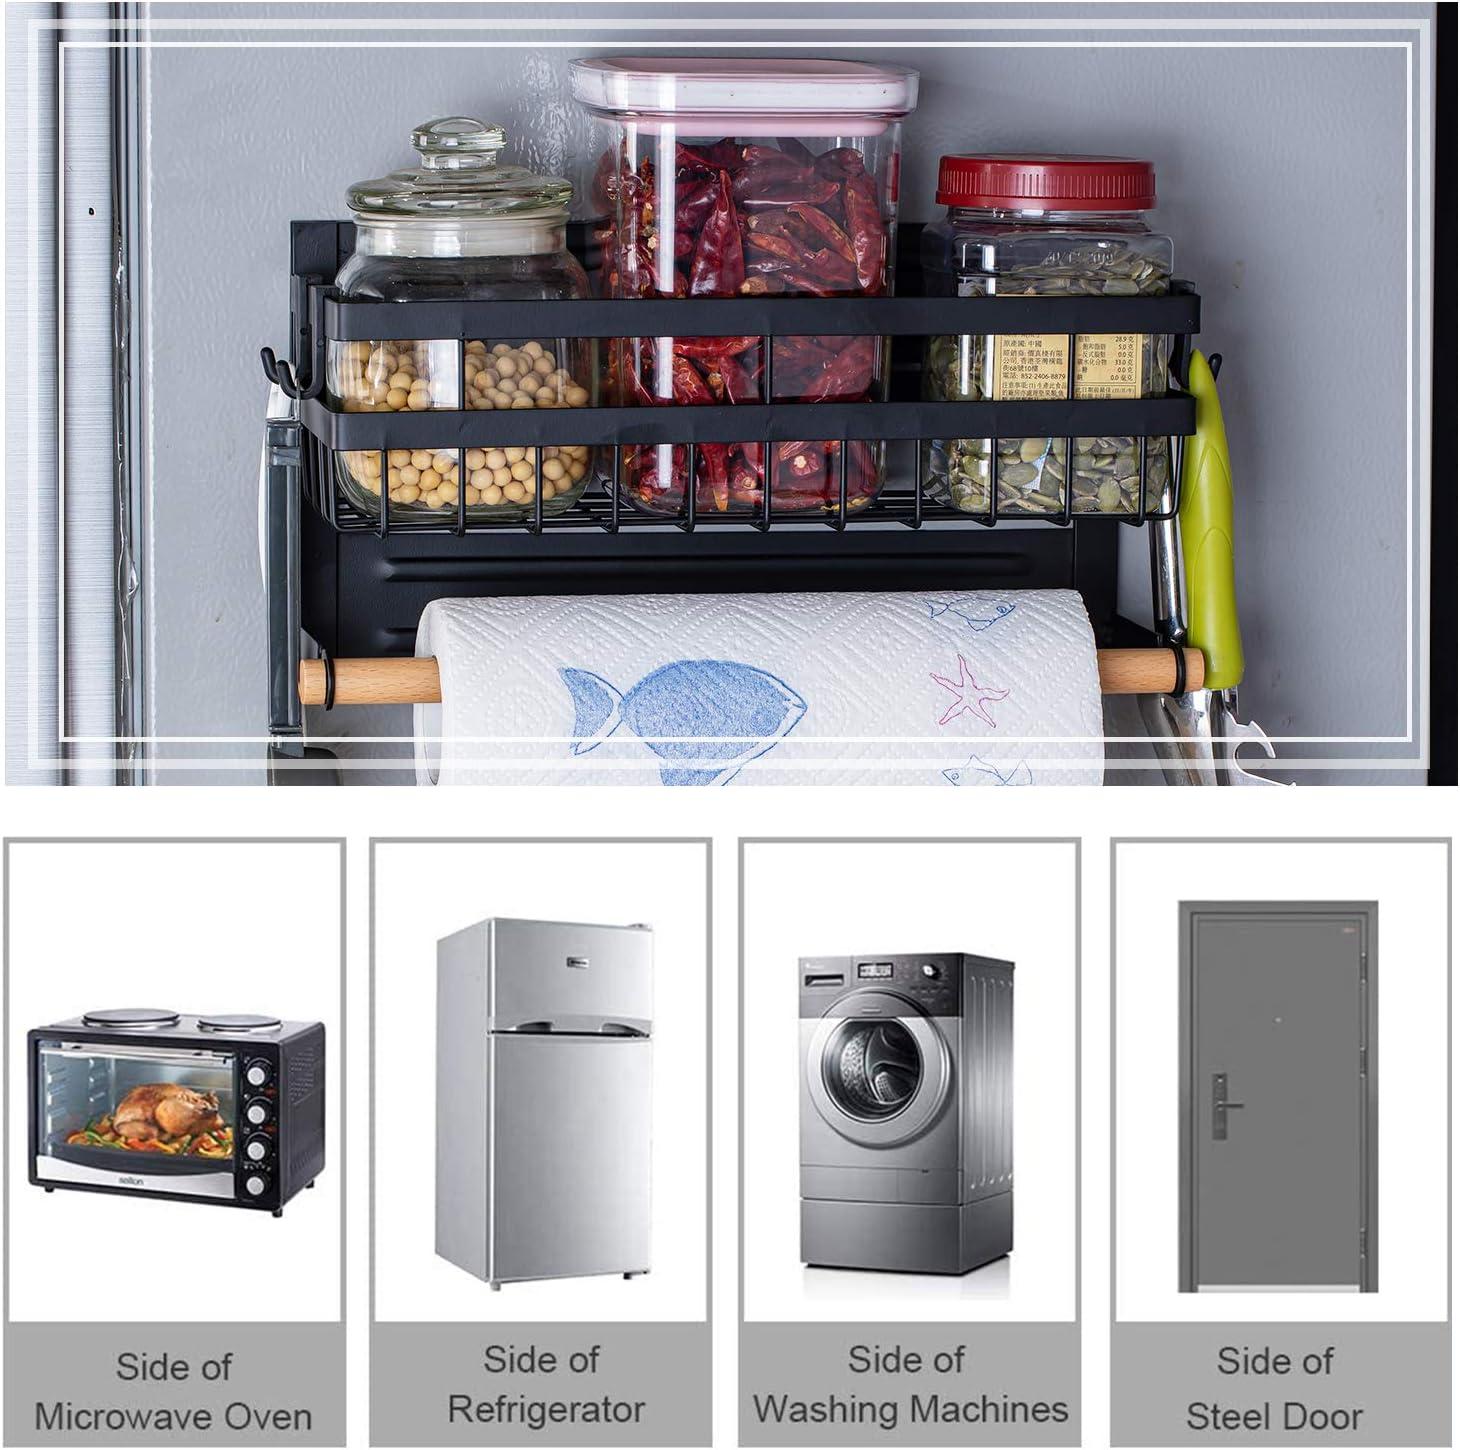 soporte para toallas de papel Especiero Magn/ético para refrigerador con gancho estante lateral para refrigerador de usos m/últiples tarros de especias a prueba de /óxido Estante Lateral Nevera